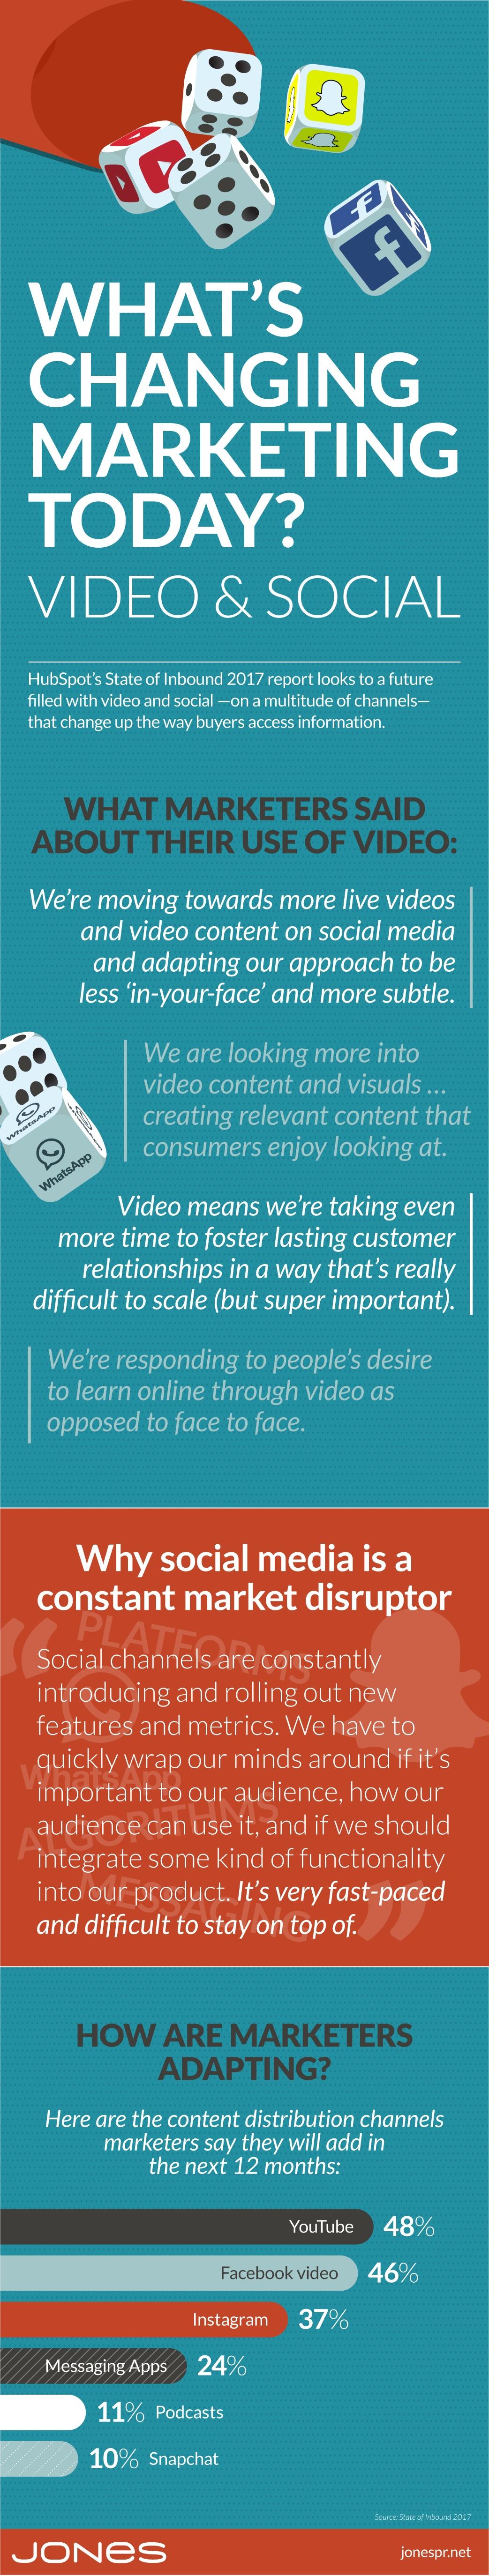 jones-video-social-marketing-disruptors.jpg